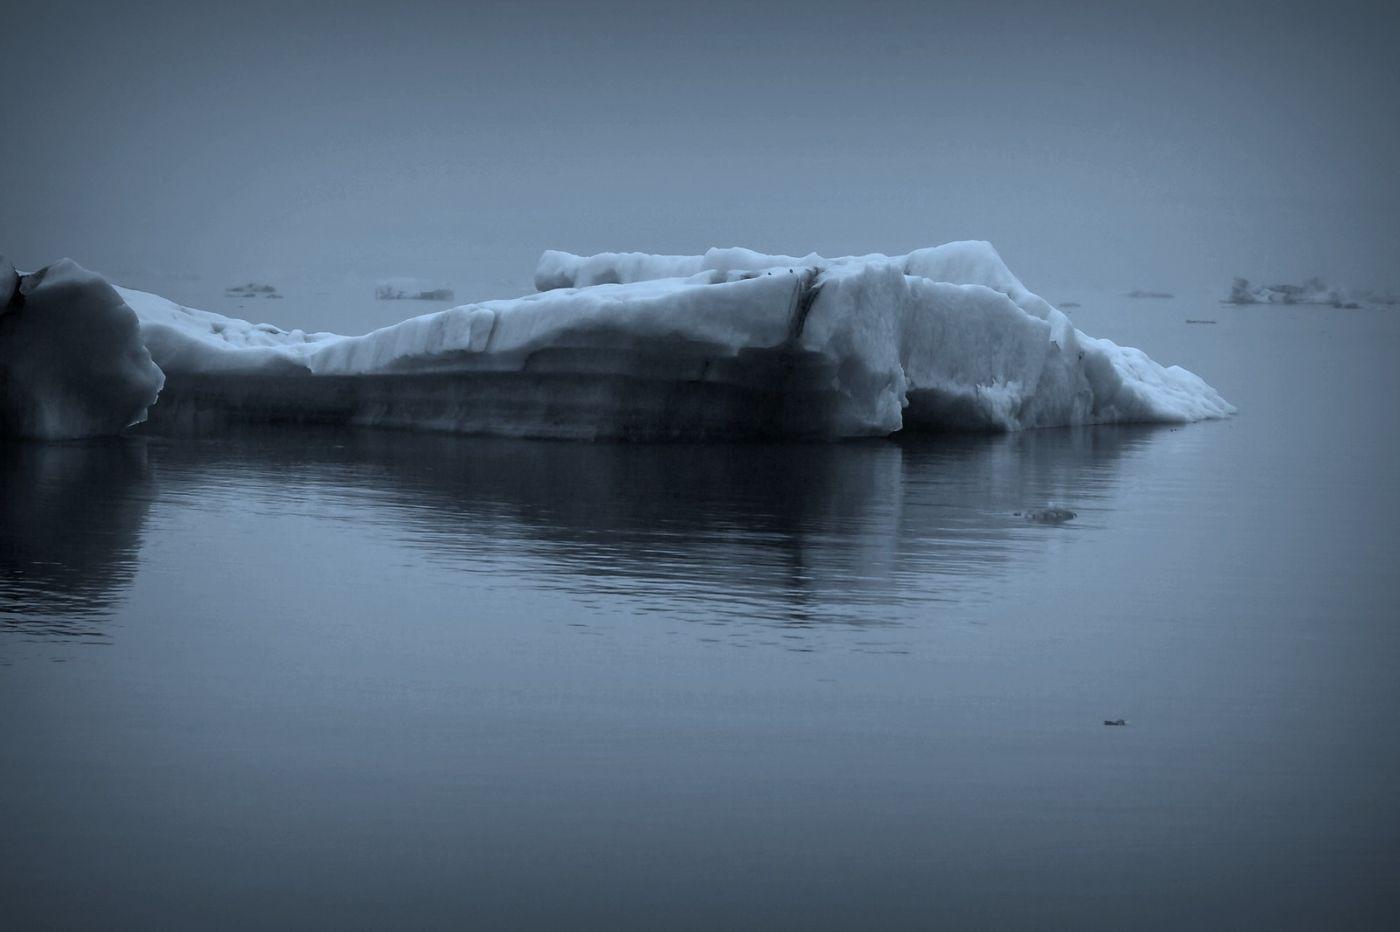 冰岛冰川泻湖(Glacier Lagoon), 湖面上冰川_图1-2